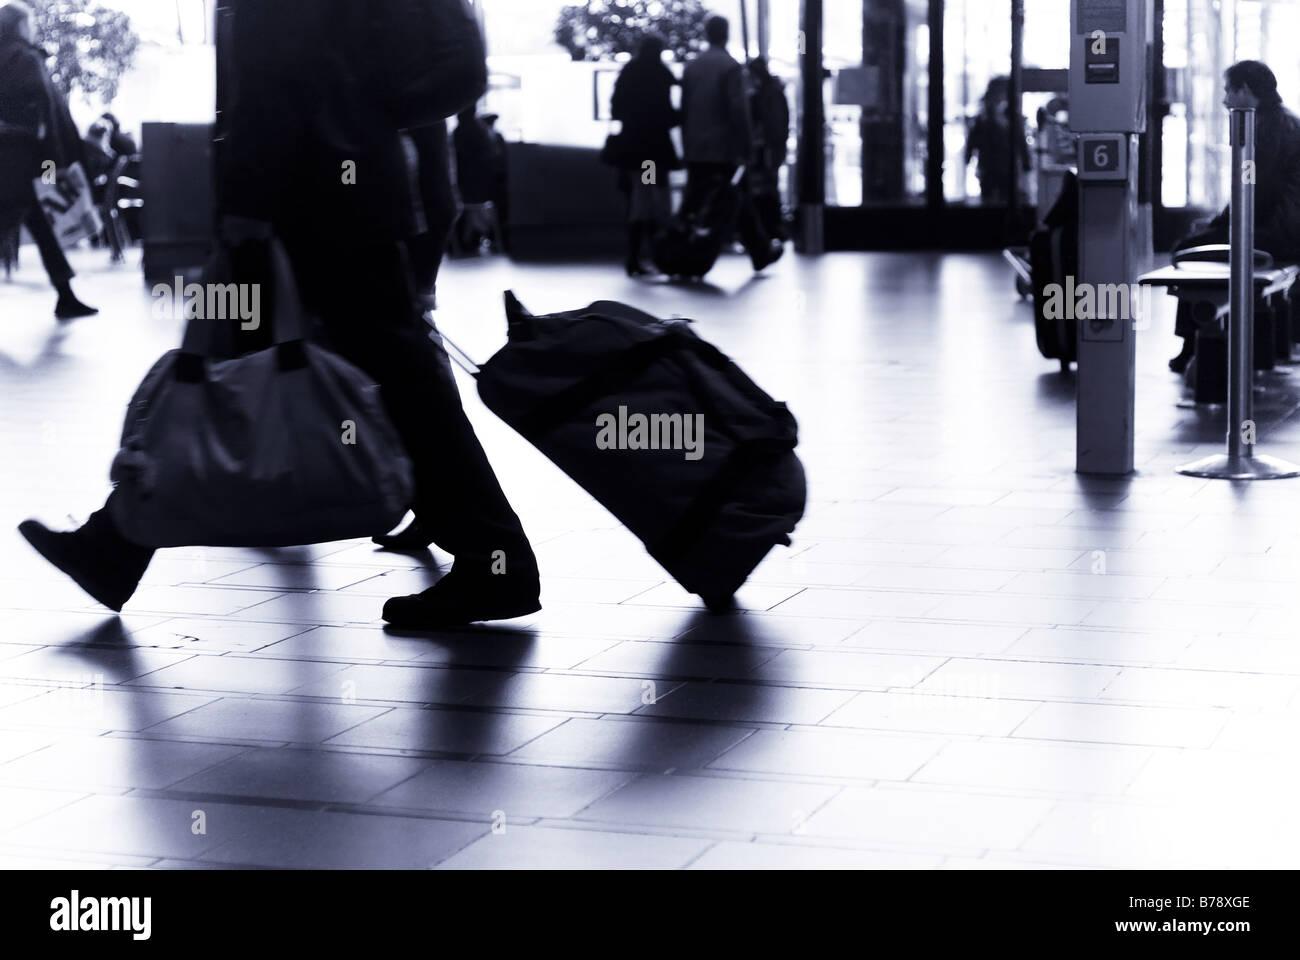 Le persone che viaggiano in aeroporto sfocata Immagini Stock